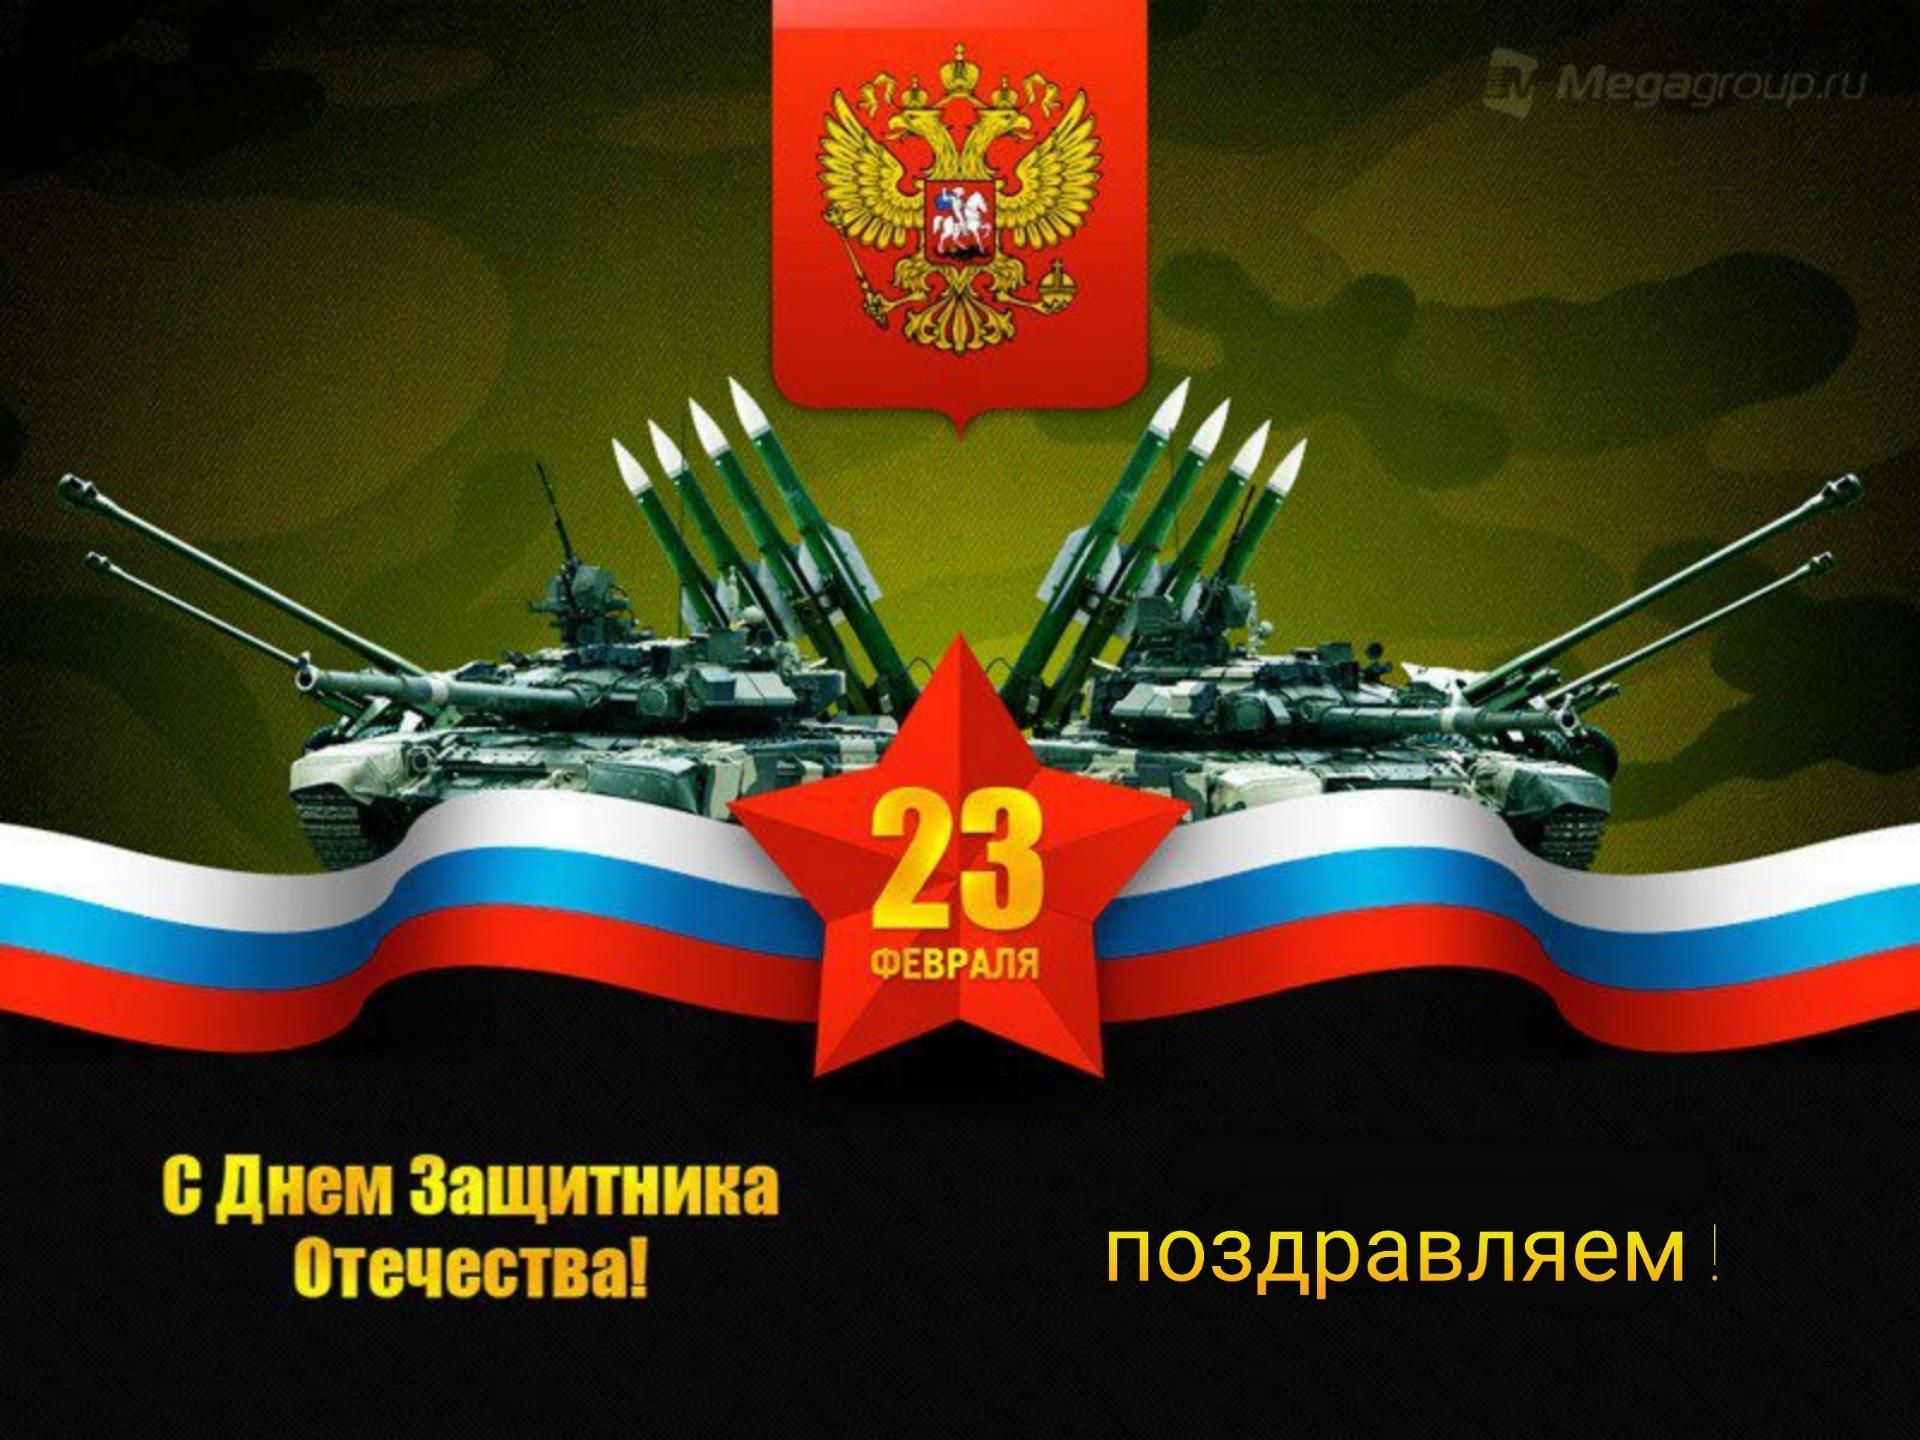 Поздравления глав Администрации сельских поселений Волгодонского района с Днем защитника Отечества